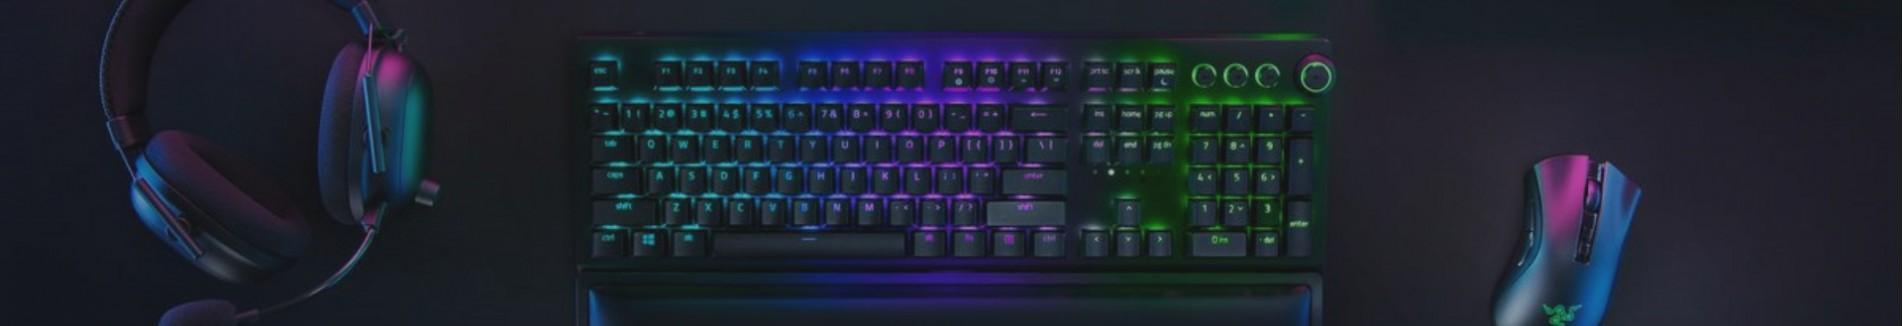 Αξεσουάρ PC